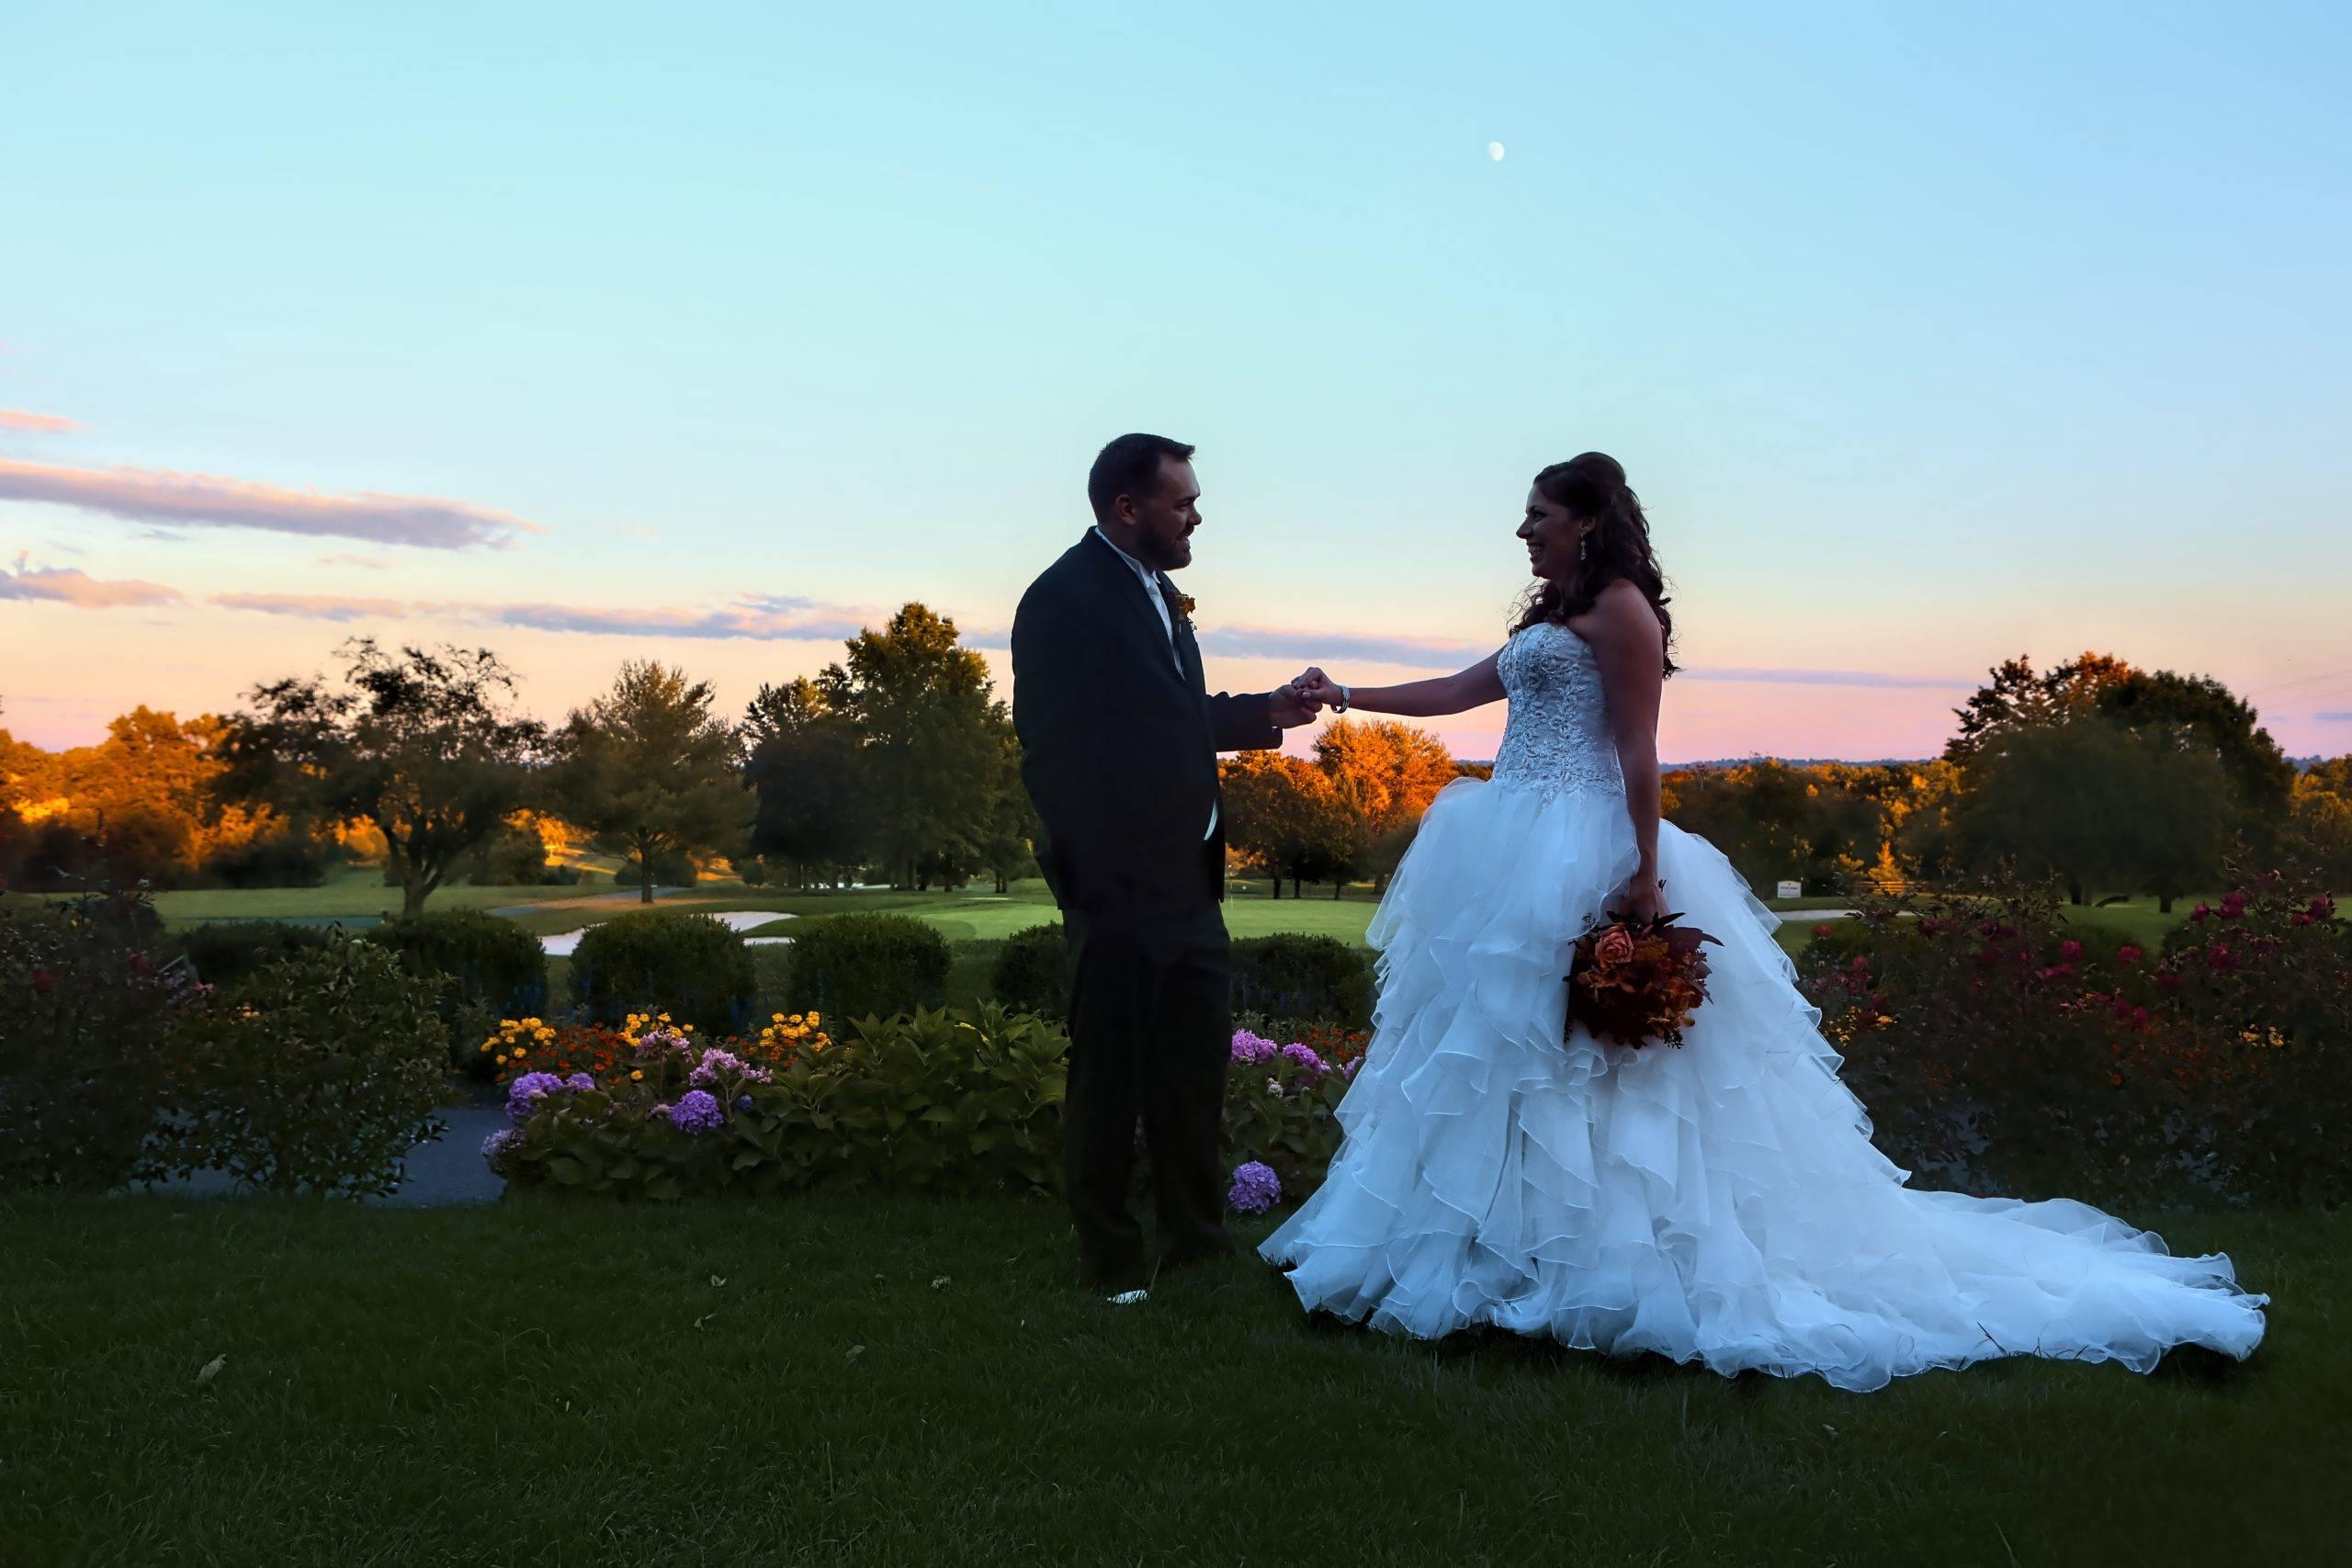 Basking Ridge CC wedding couple at sunset